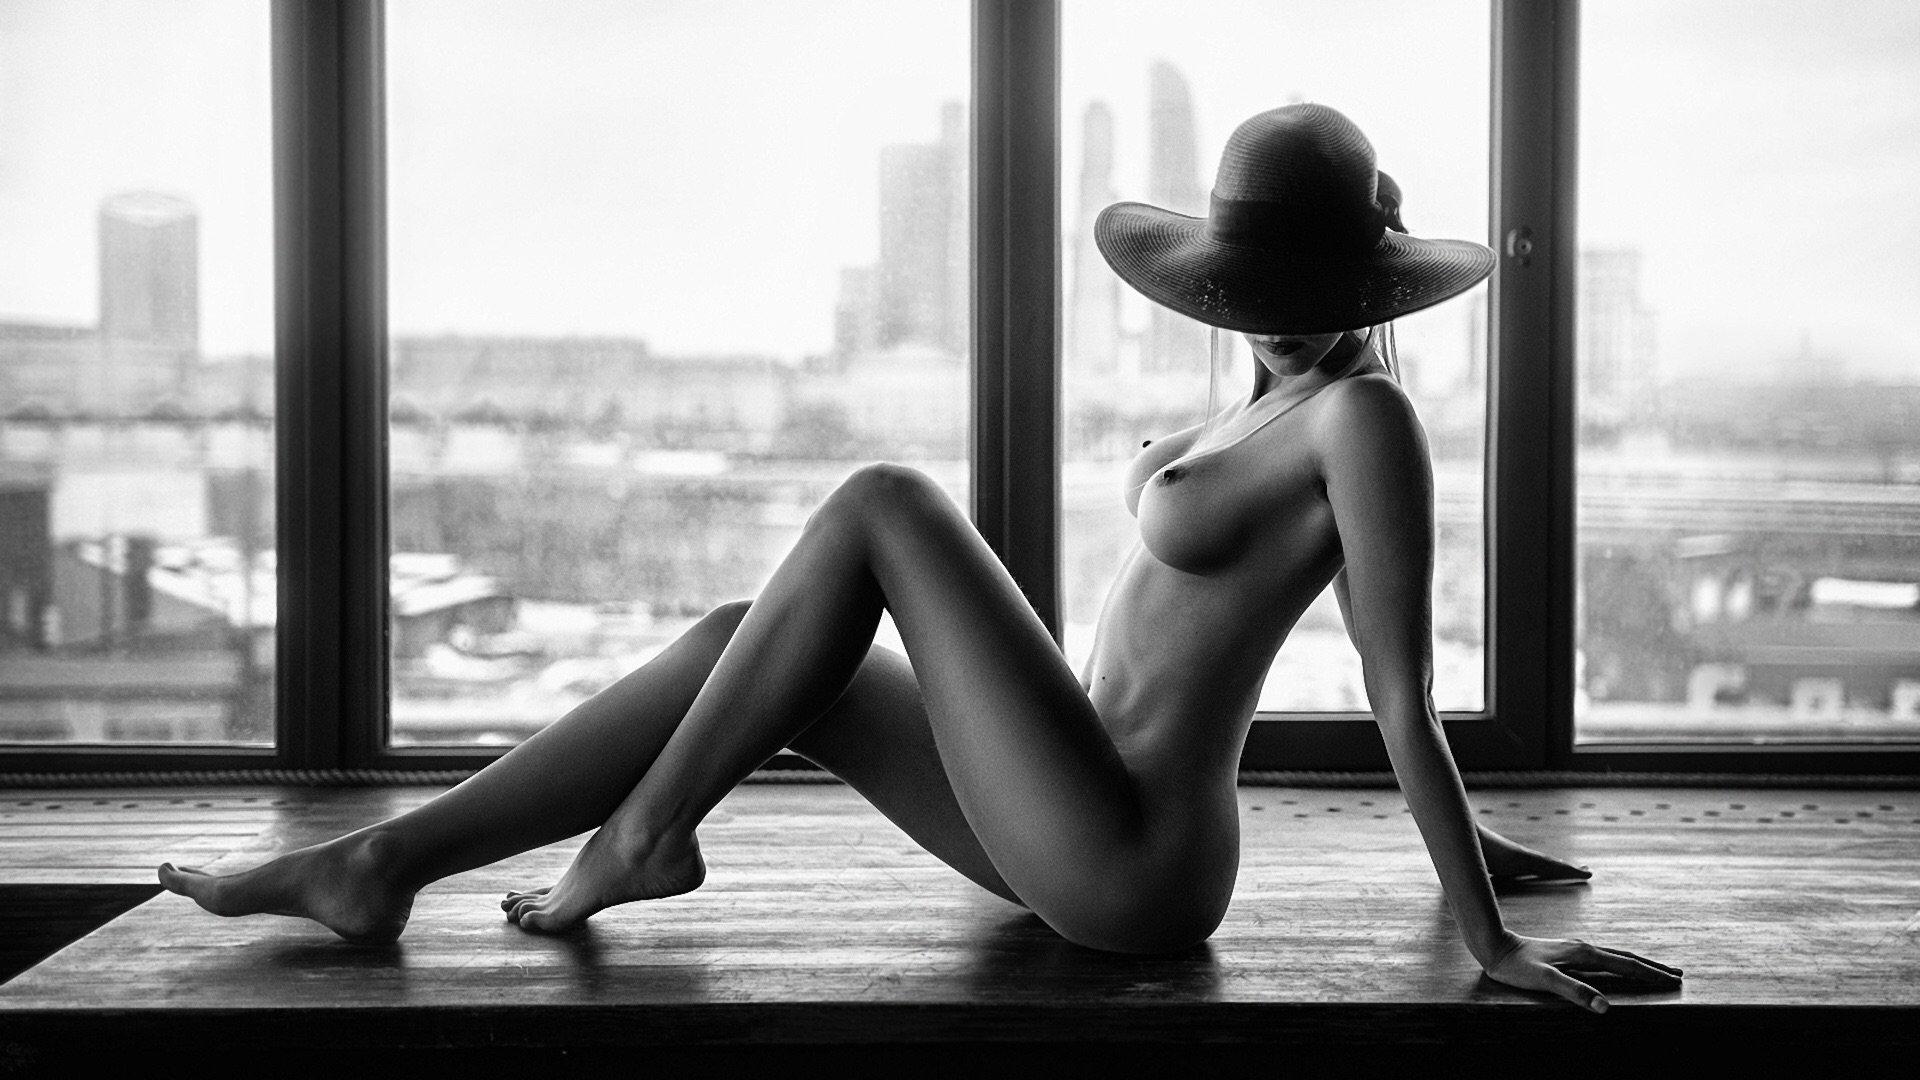 Черно белые картинки голых девушек, Черно белая эротика с голыми девушками - фото 15 фотография